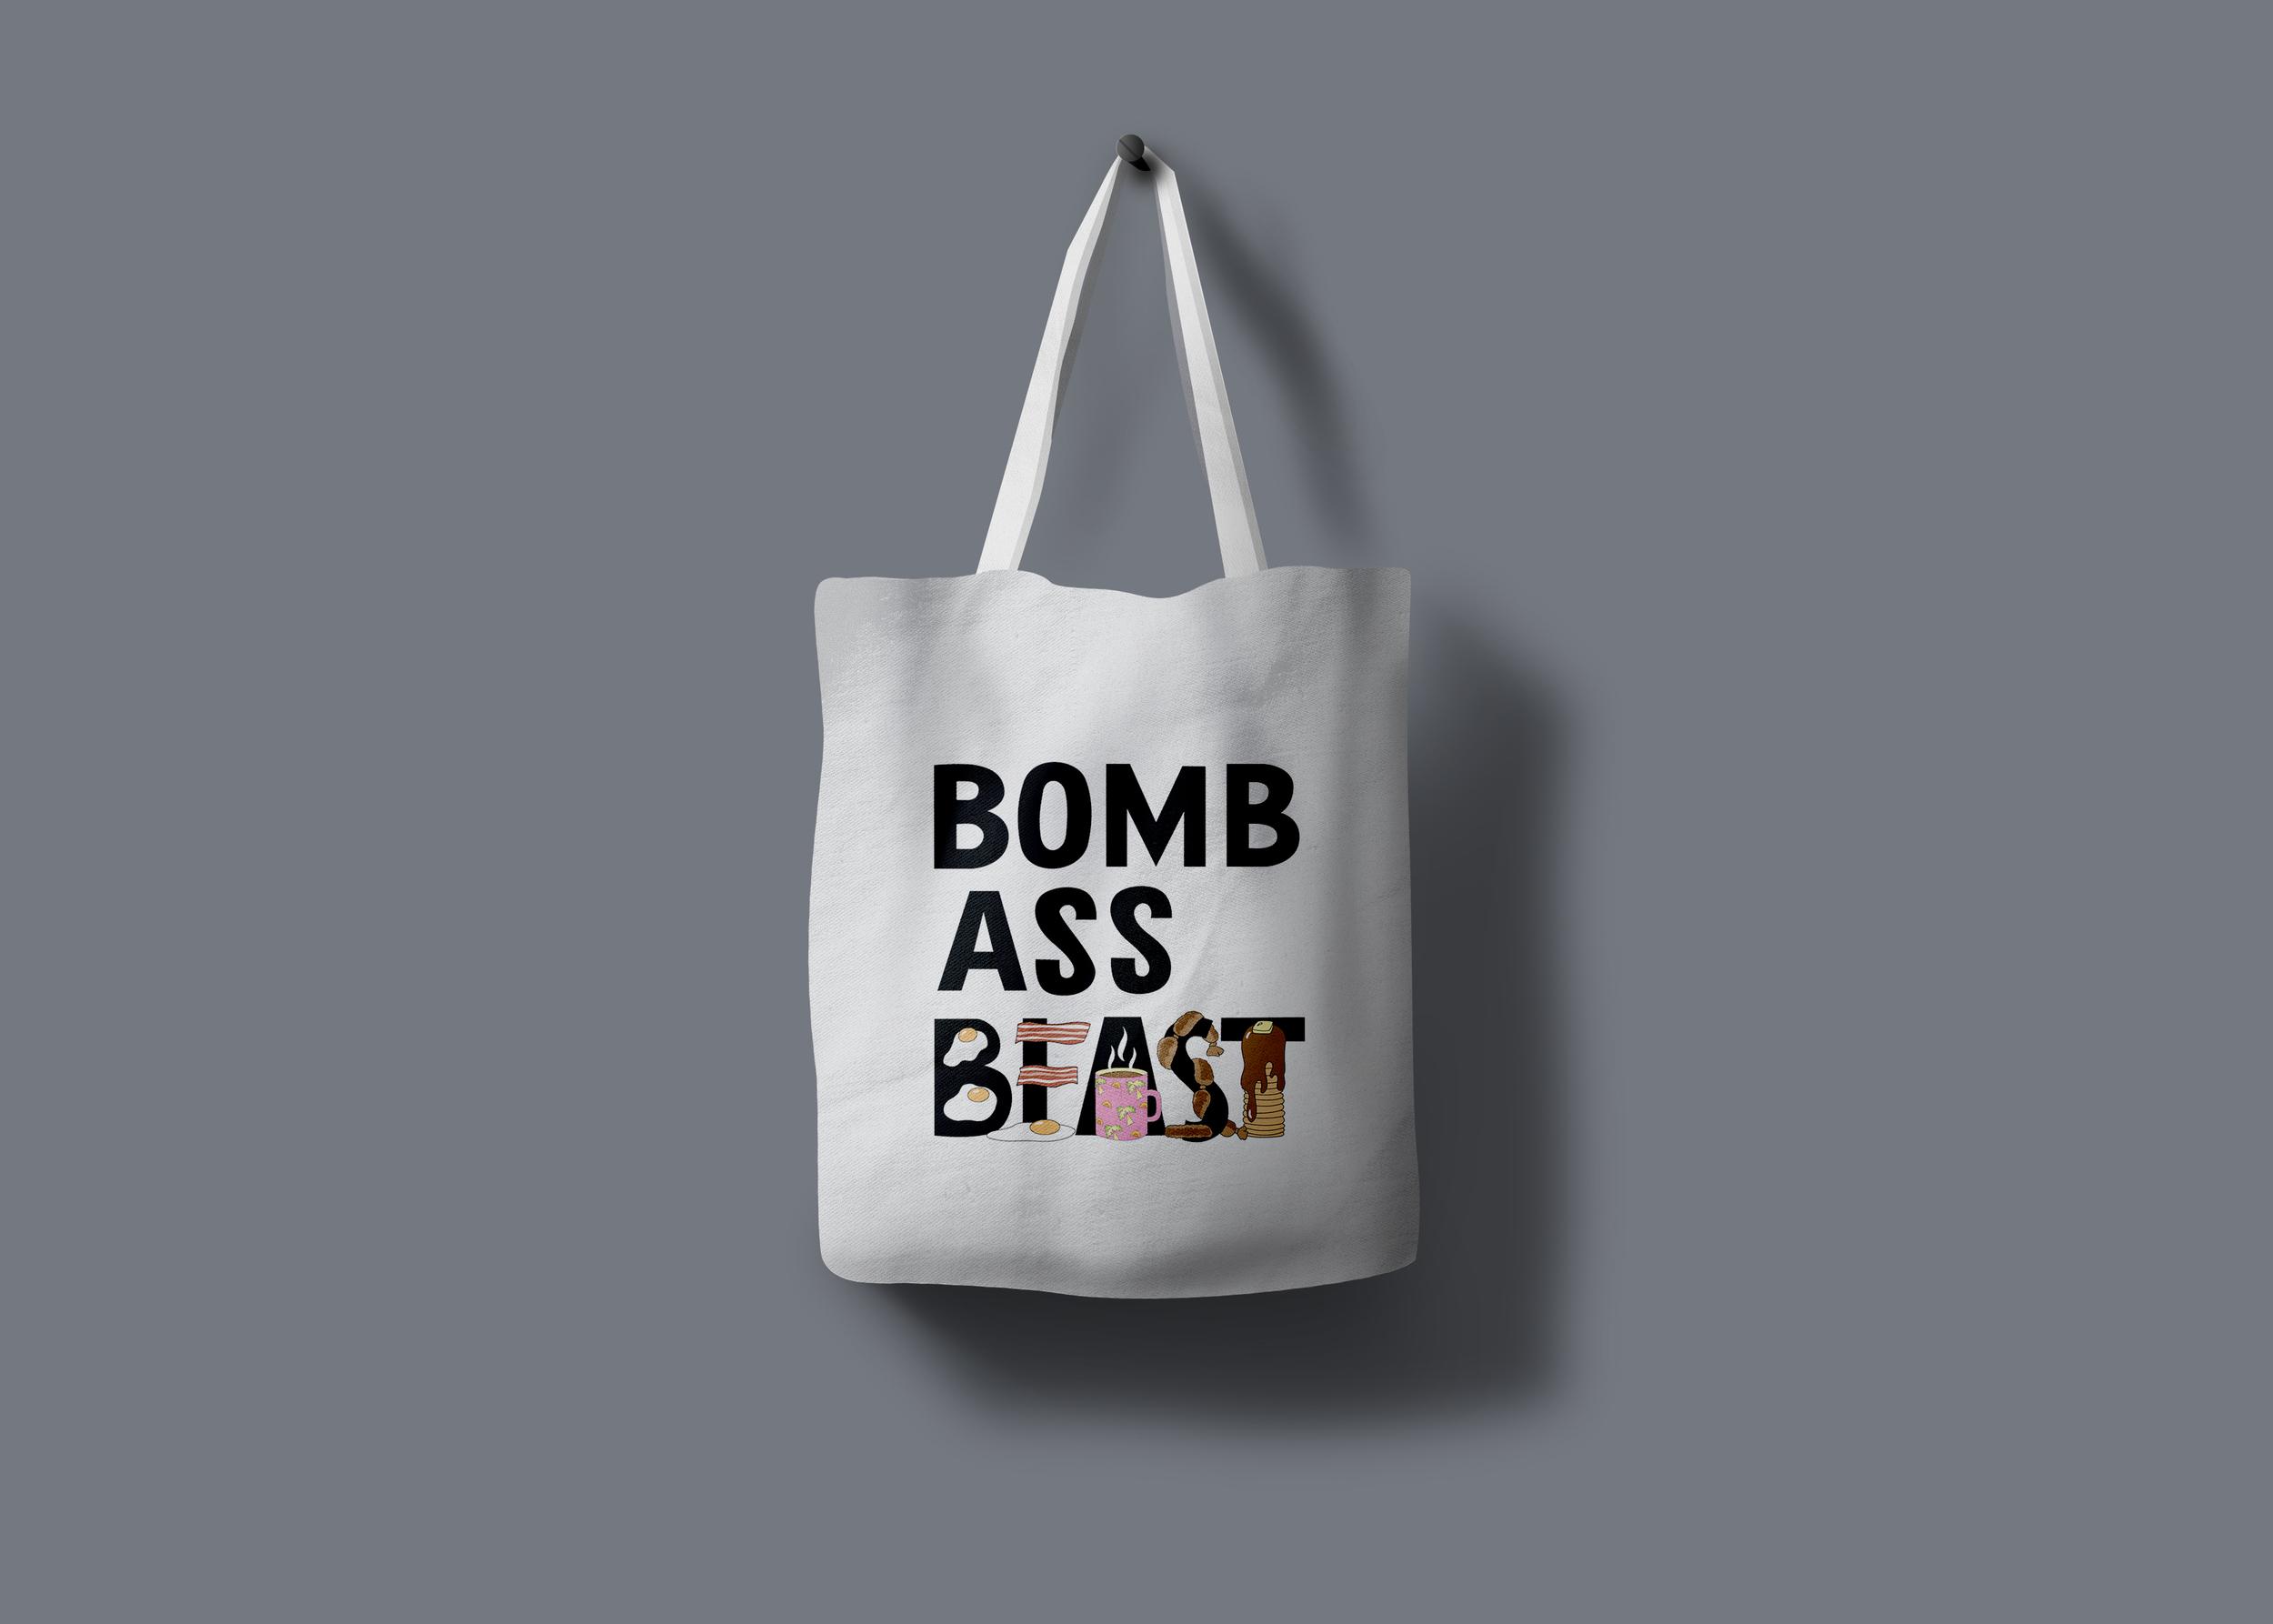 bombAssBfast_bag.jpg